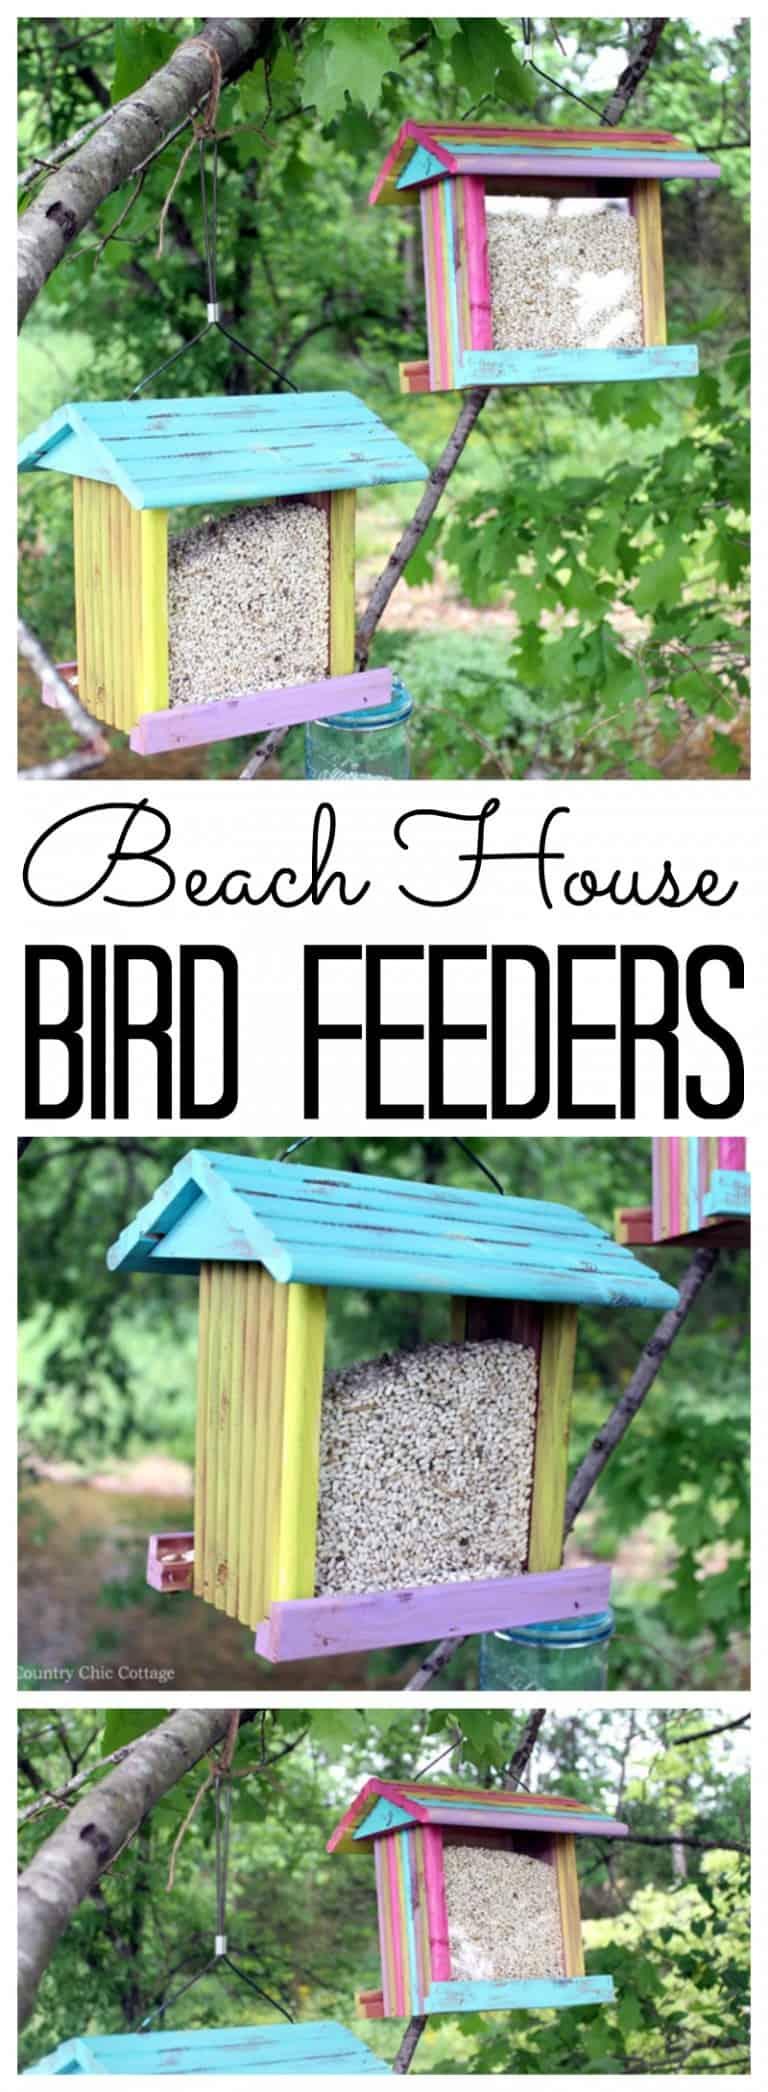 bird-feeders-painted-like-a-beach-house-768x2092